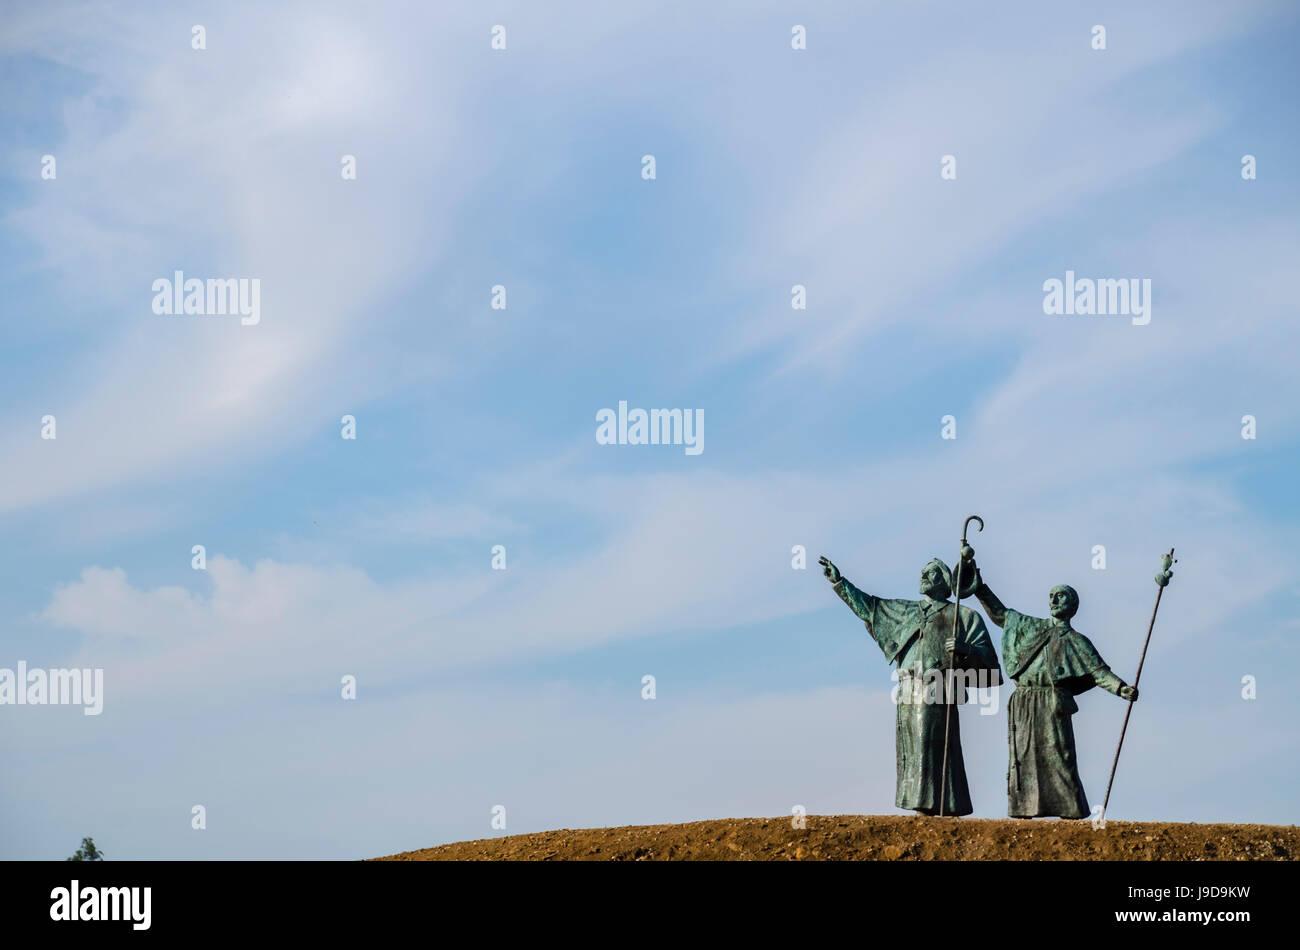 Monte do Gozo (Mount Joy), Santiago de Compostela, A Coruna, Galicia, Spain, Europe - Stock Image